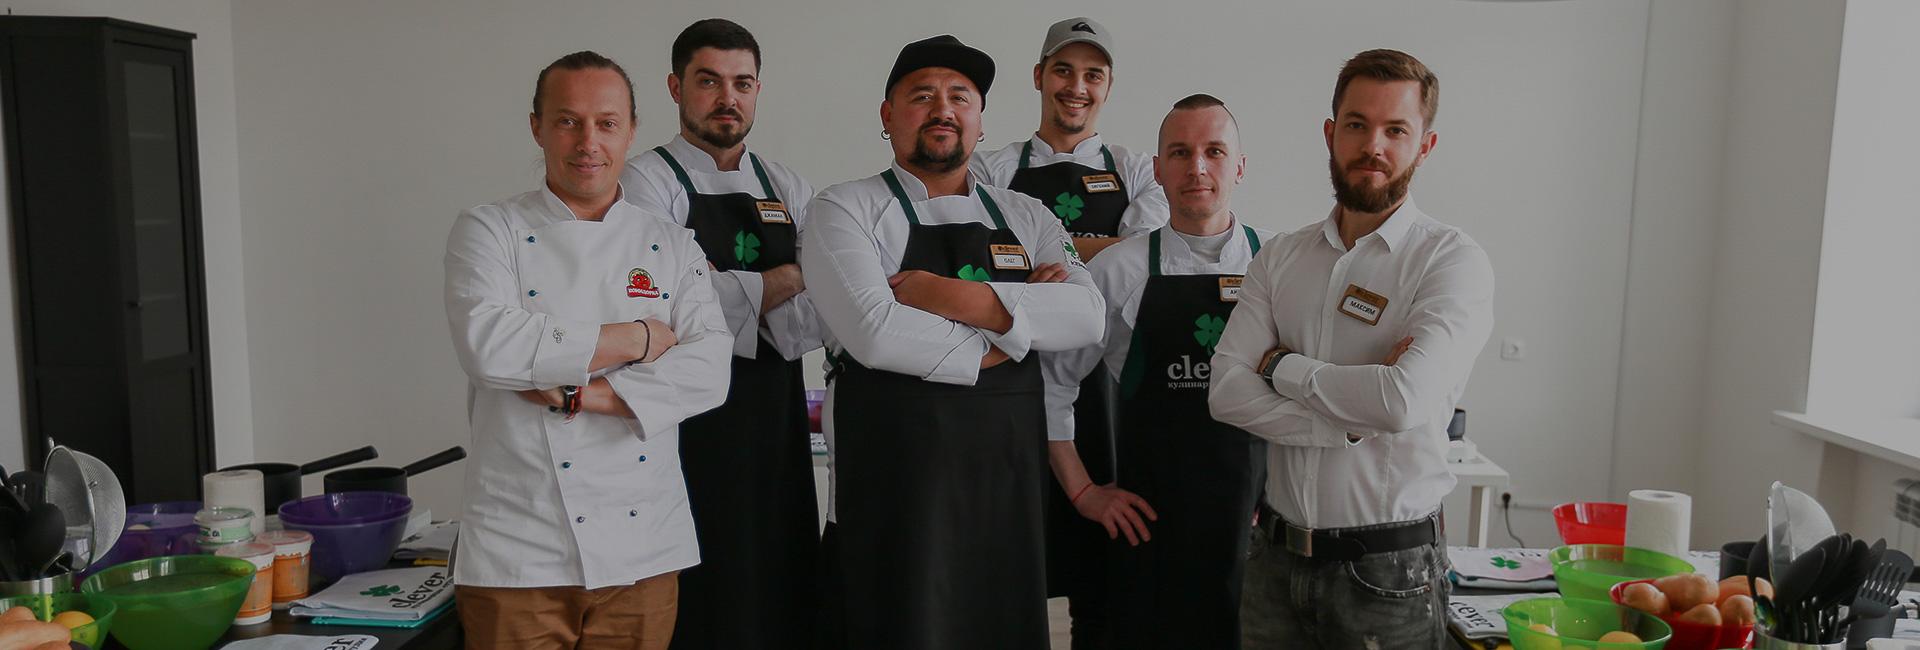 выездное кулинарное шоу от шеф-поваров студии clever